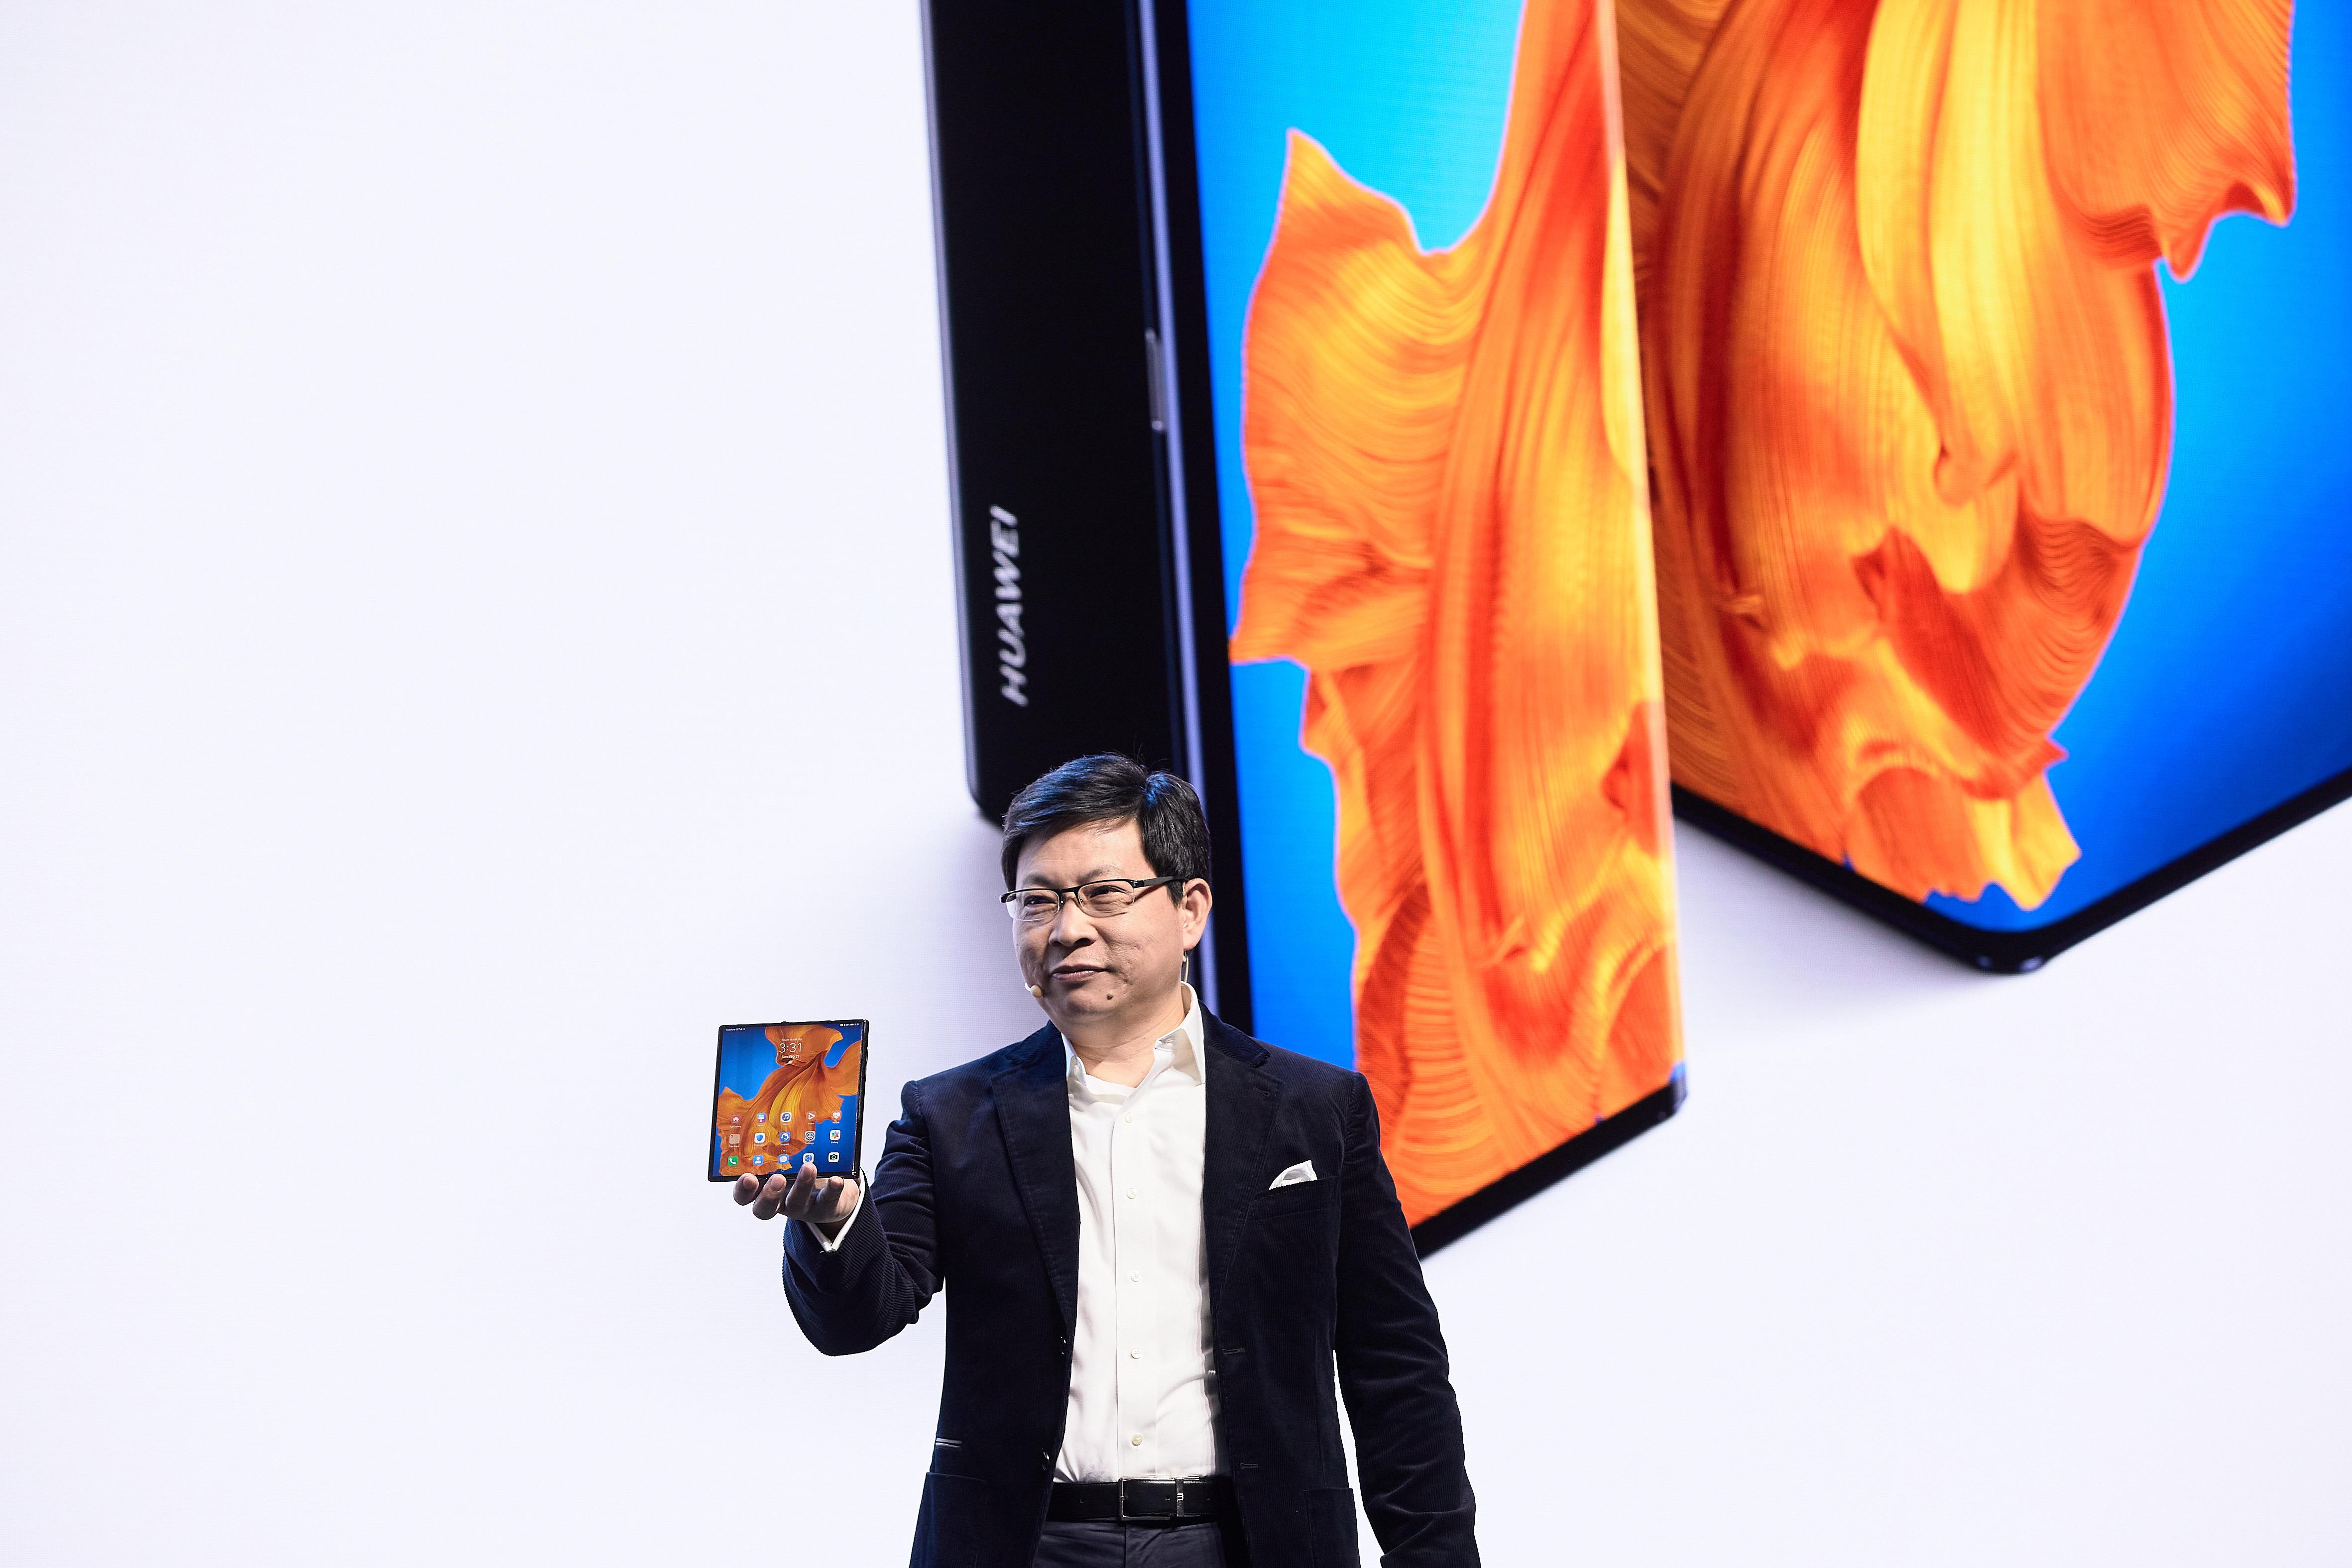 Huawei anunció nueva línea de productos 5G | Tecnología | Variedades | EL FRENTE